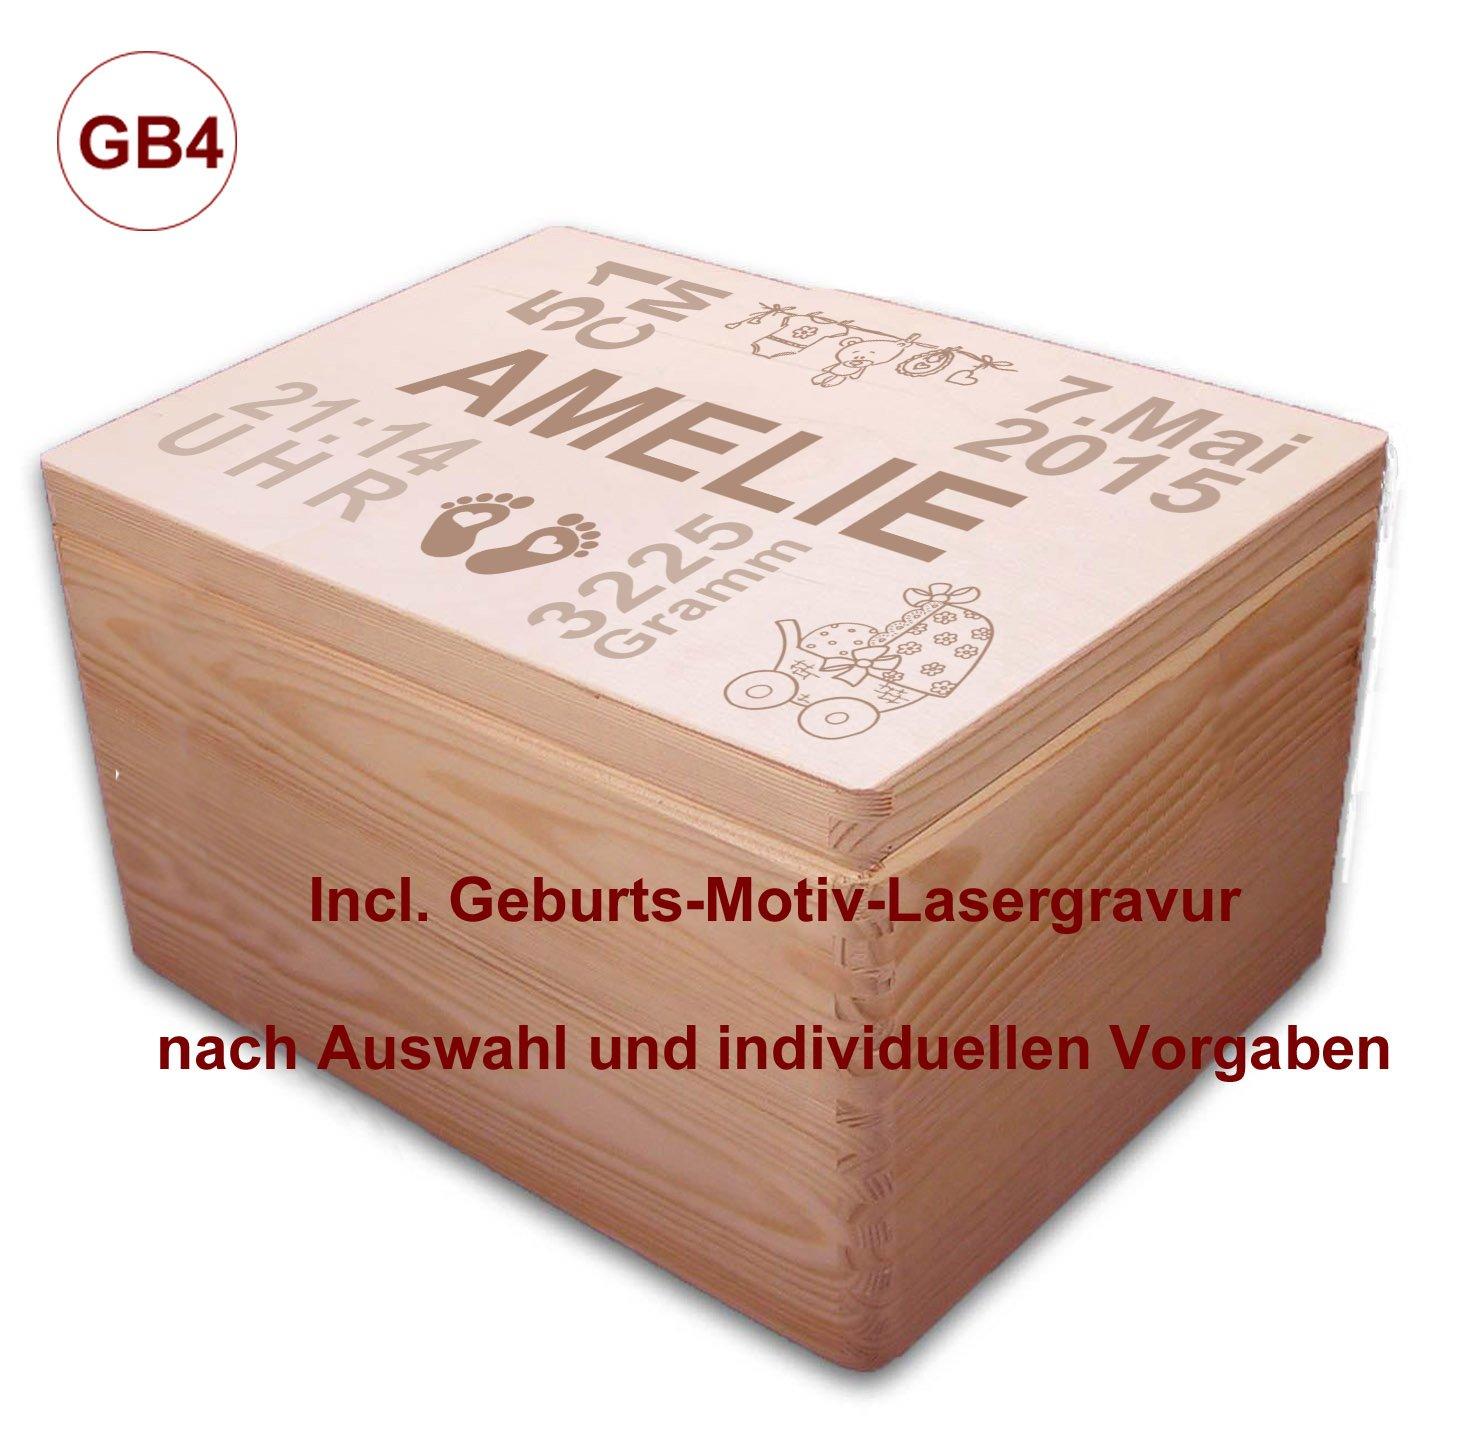 Auswahl-Lasergravur 3 MidaCreativ zur Geburt GB4 gro/ße Holz-Geschenkbox Gr Kiefer incl